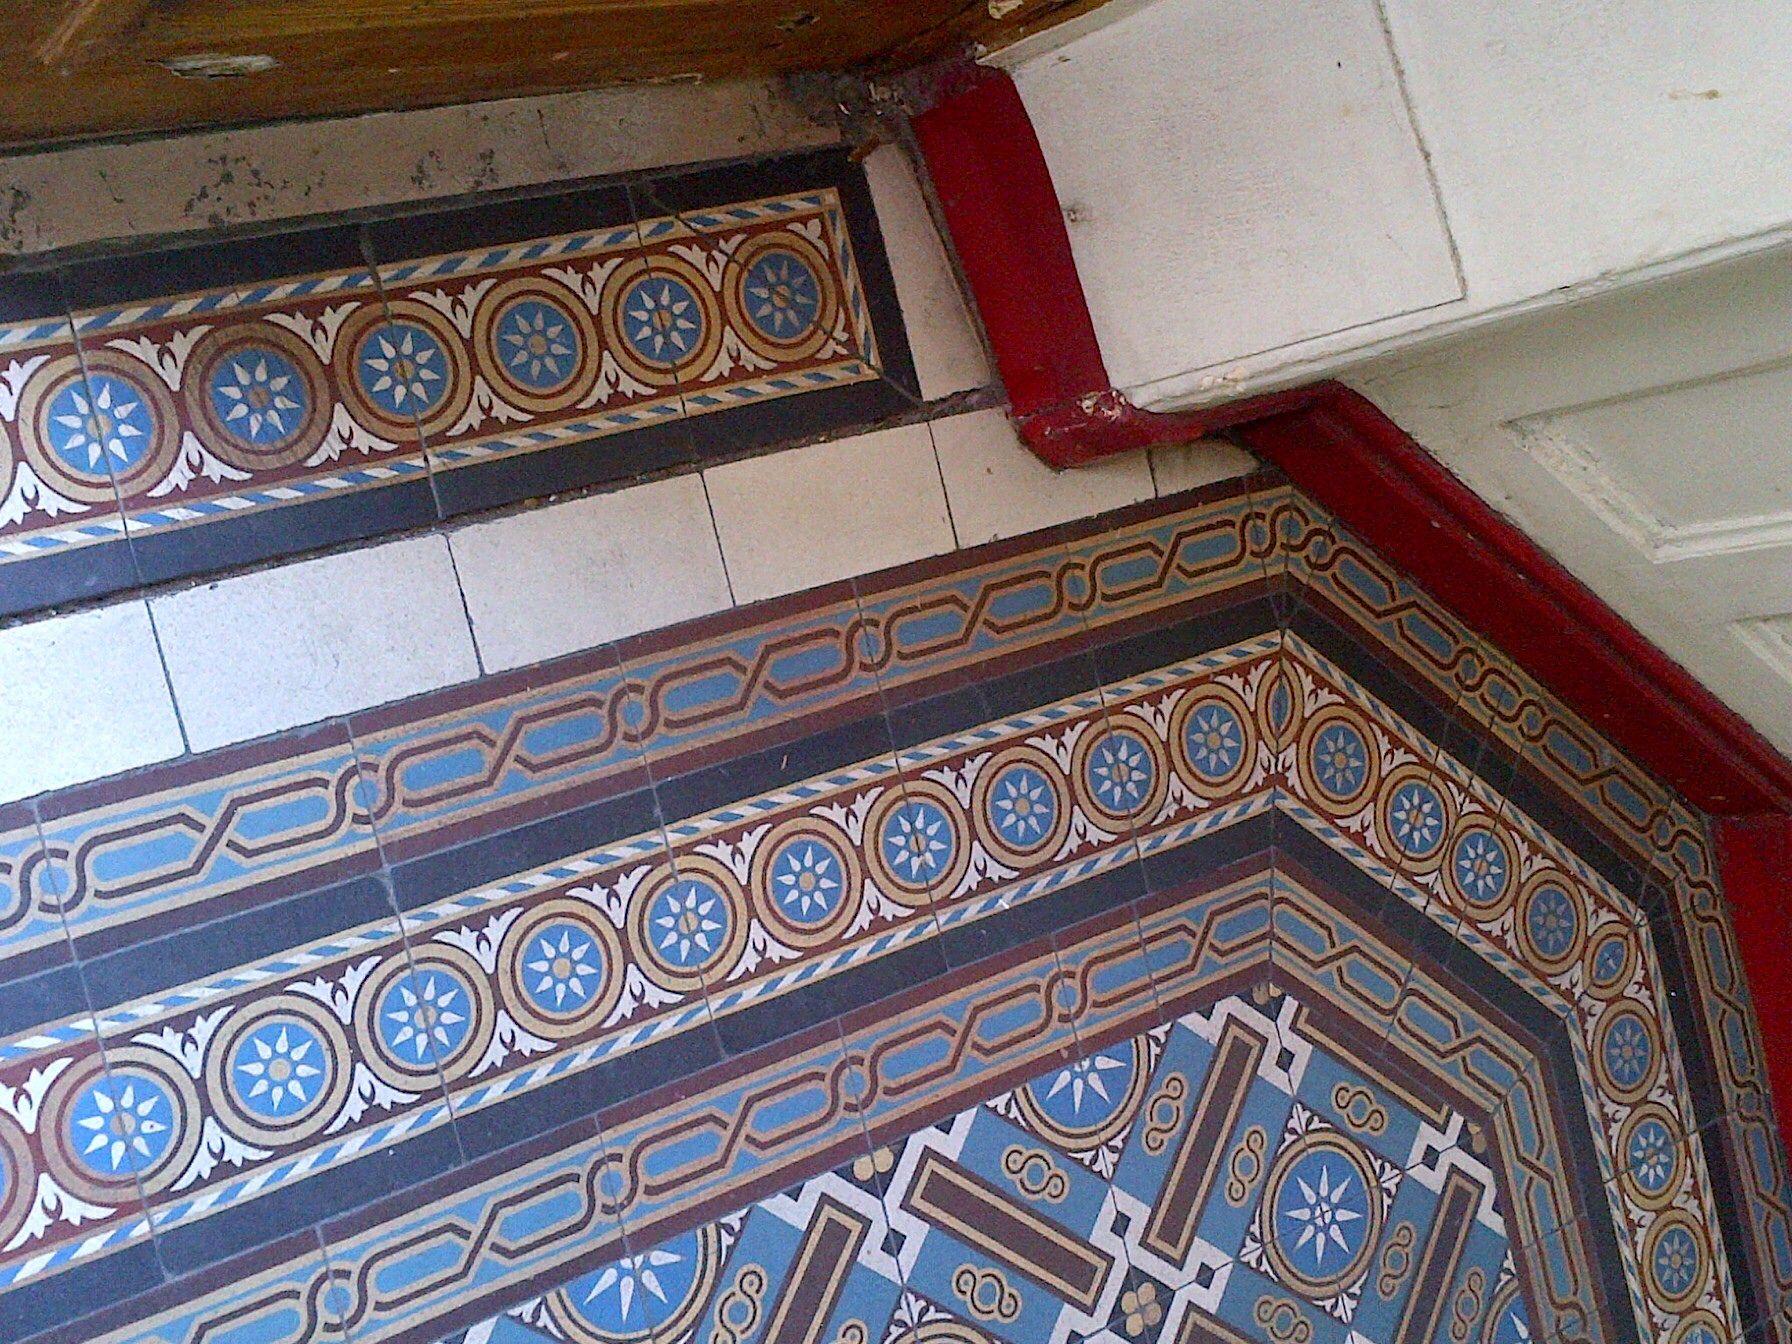 Hall d 39 immeuble paris 15 me tiles pinterest for Carrelage paris 15